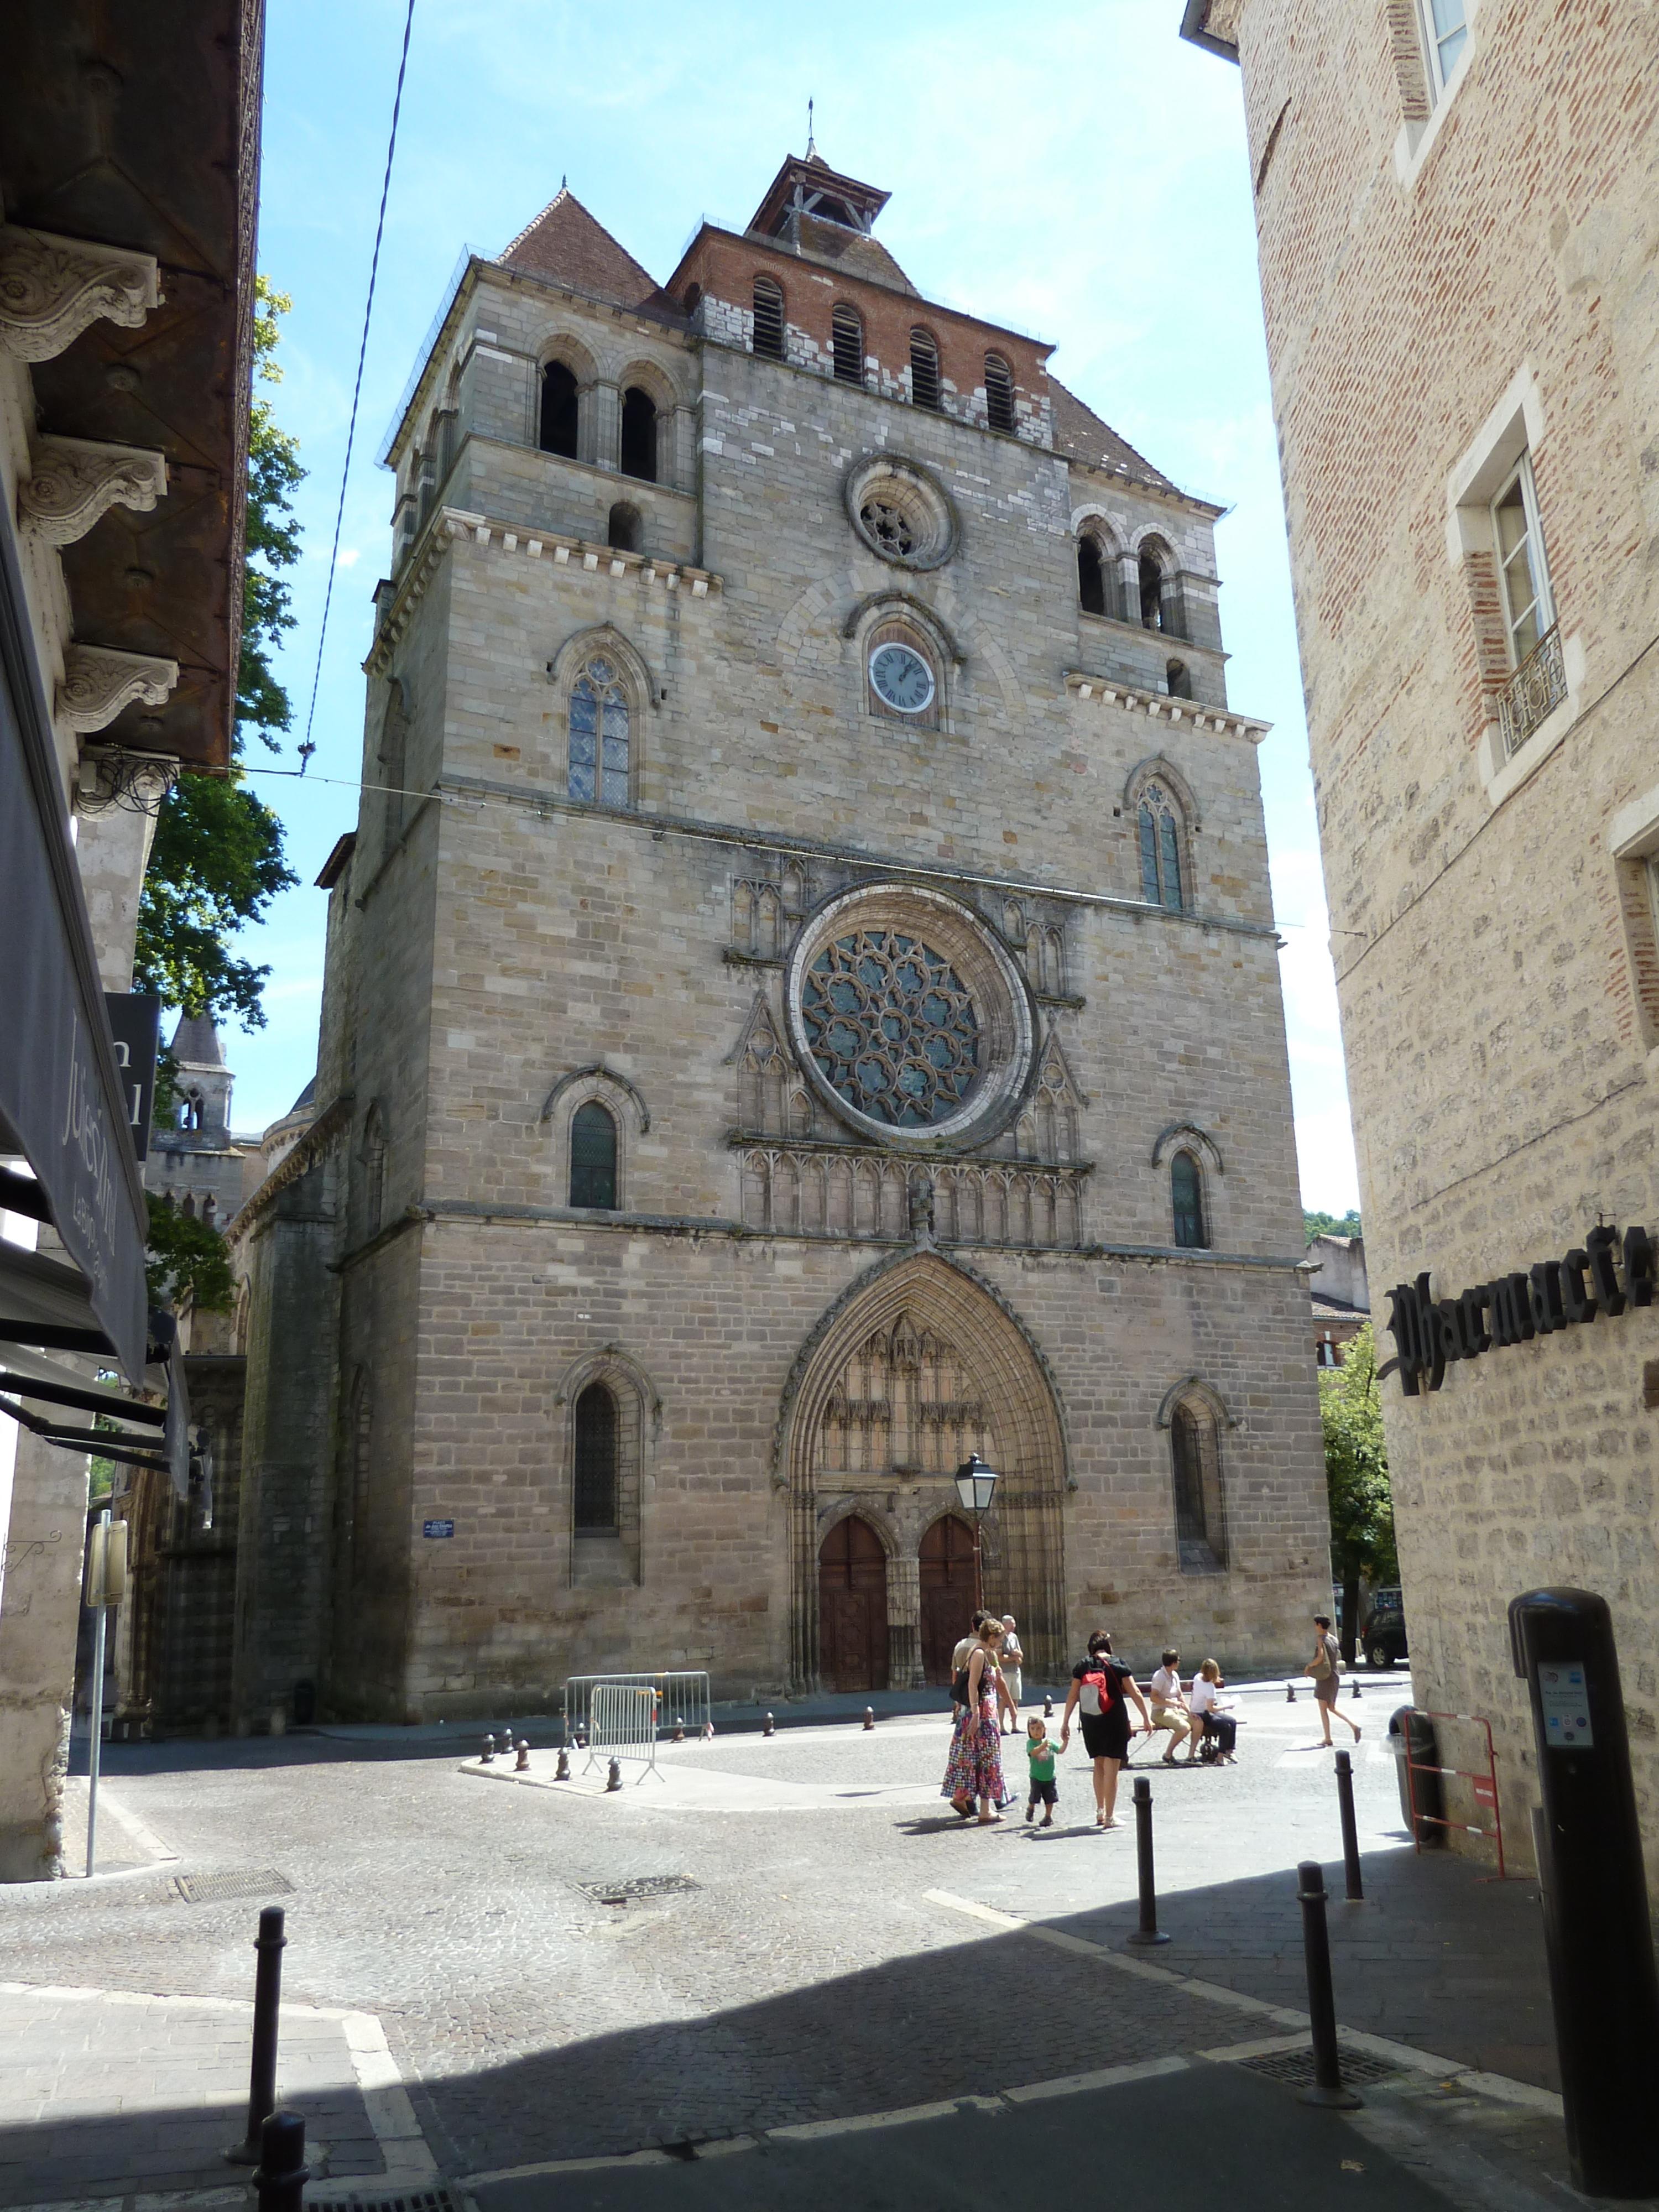 Cath drale saint tienne de cahors - Cathedrale saint etienne de cahors ...